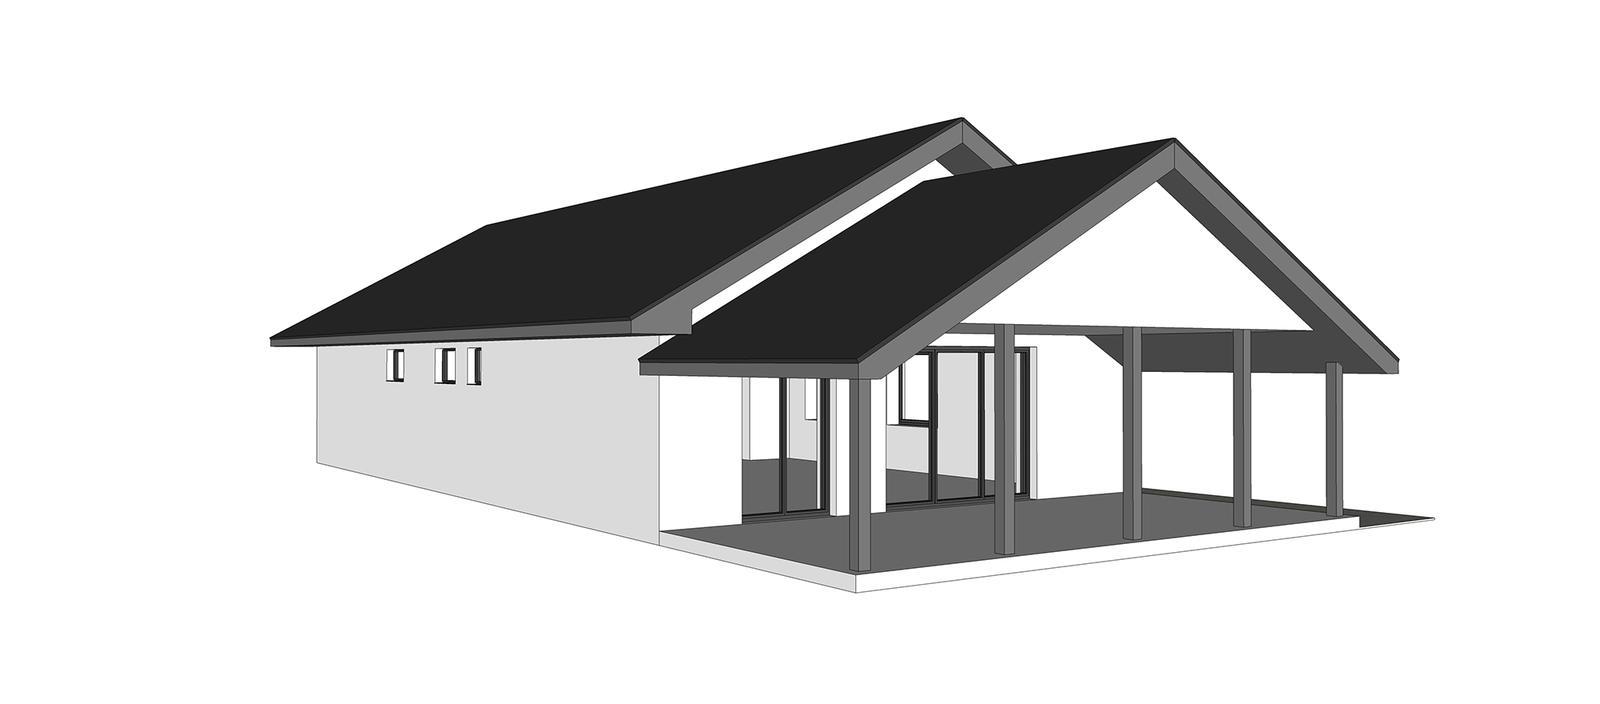 Nový bungalov a výber tvaru strechy + terasa - Obrázok č. 4